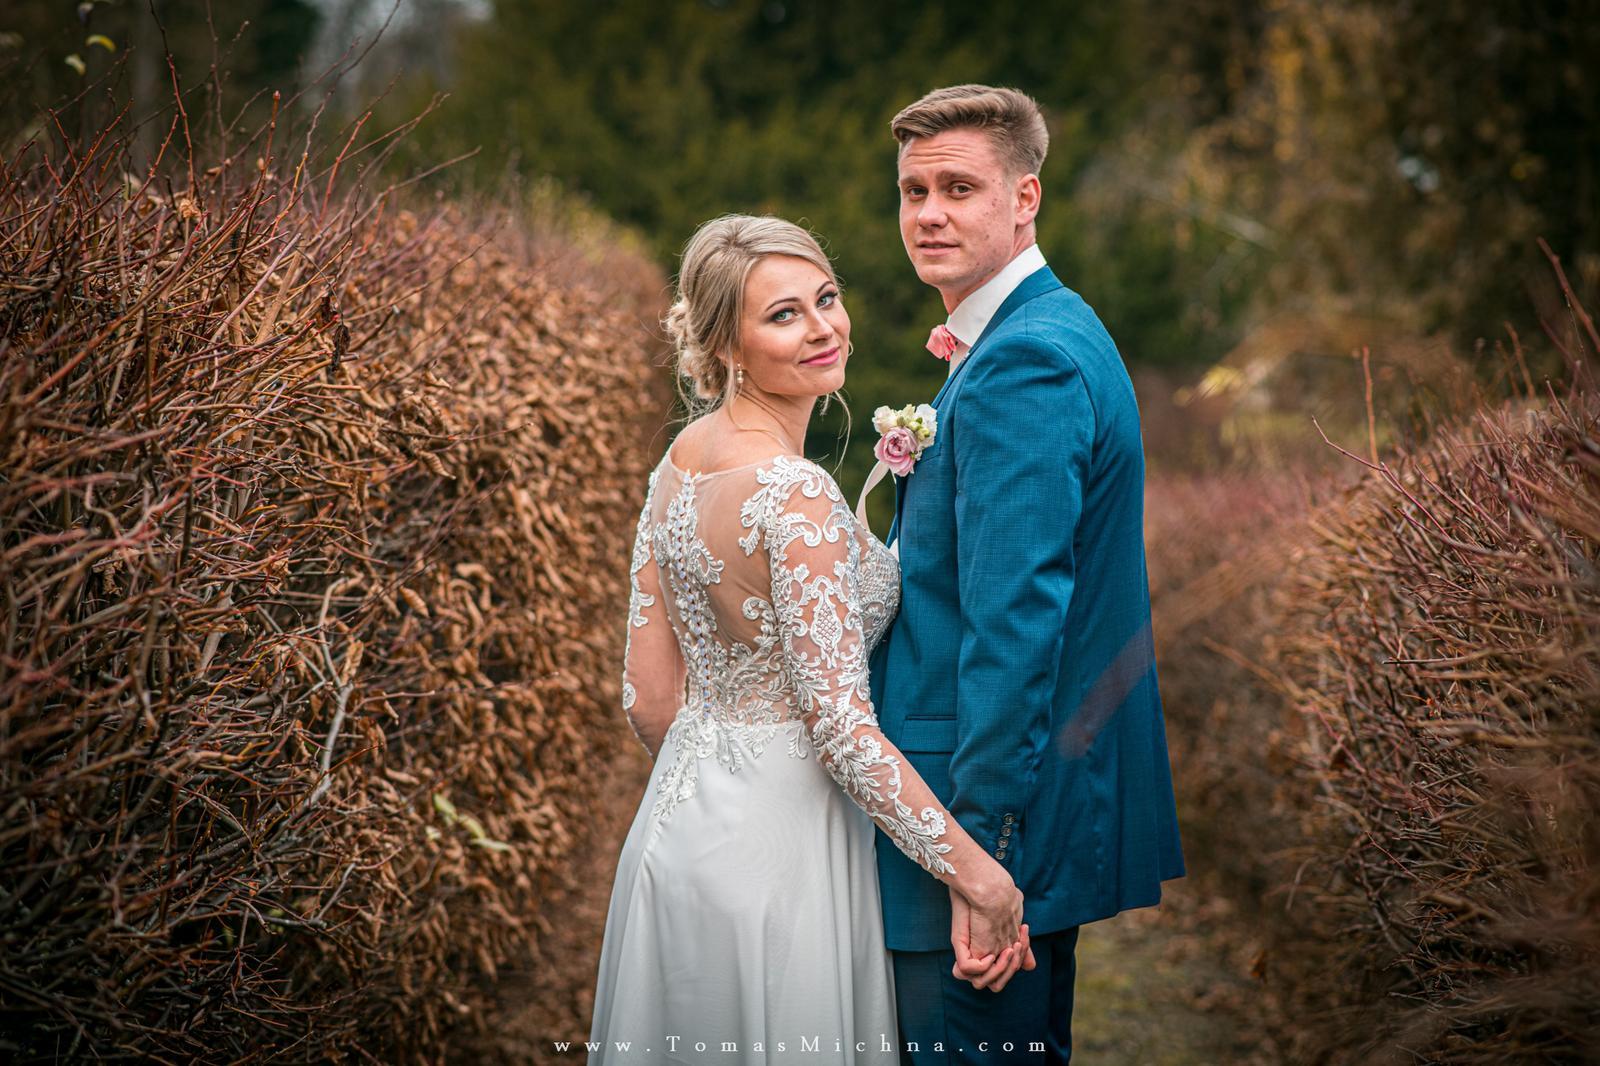 Zimní svatba na zámku Náměšť na Hané ♥ Martina & Petr ♥ 21.12.2019 - Obrázok č. 3